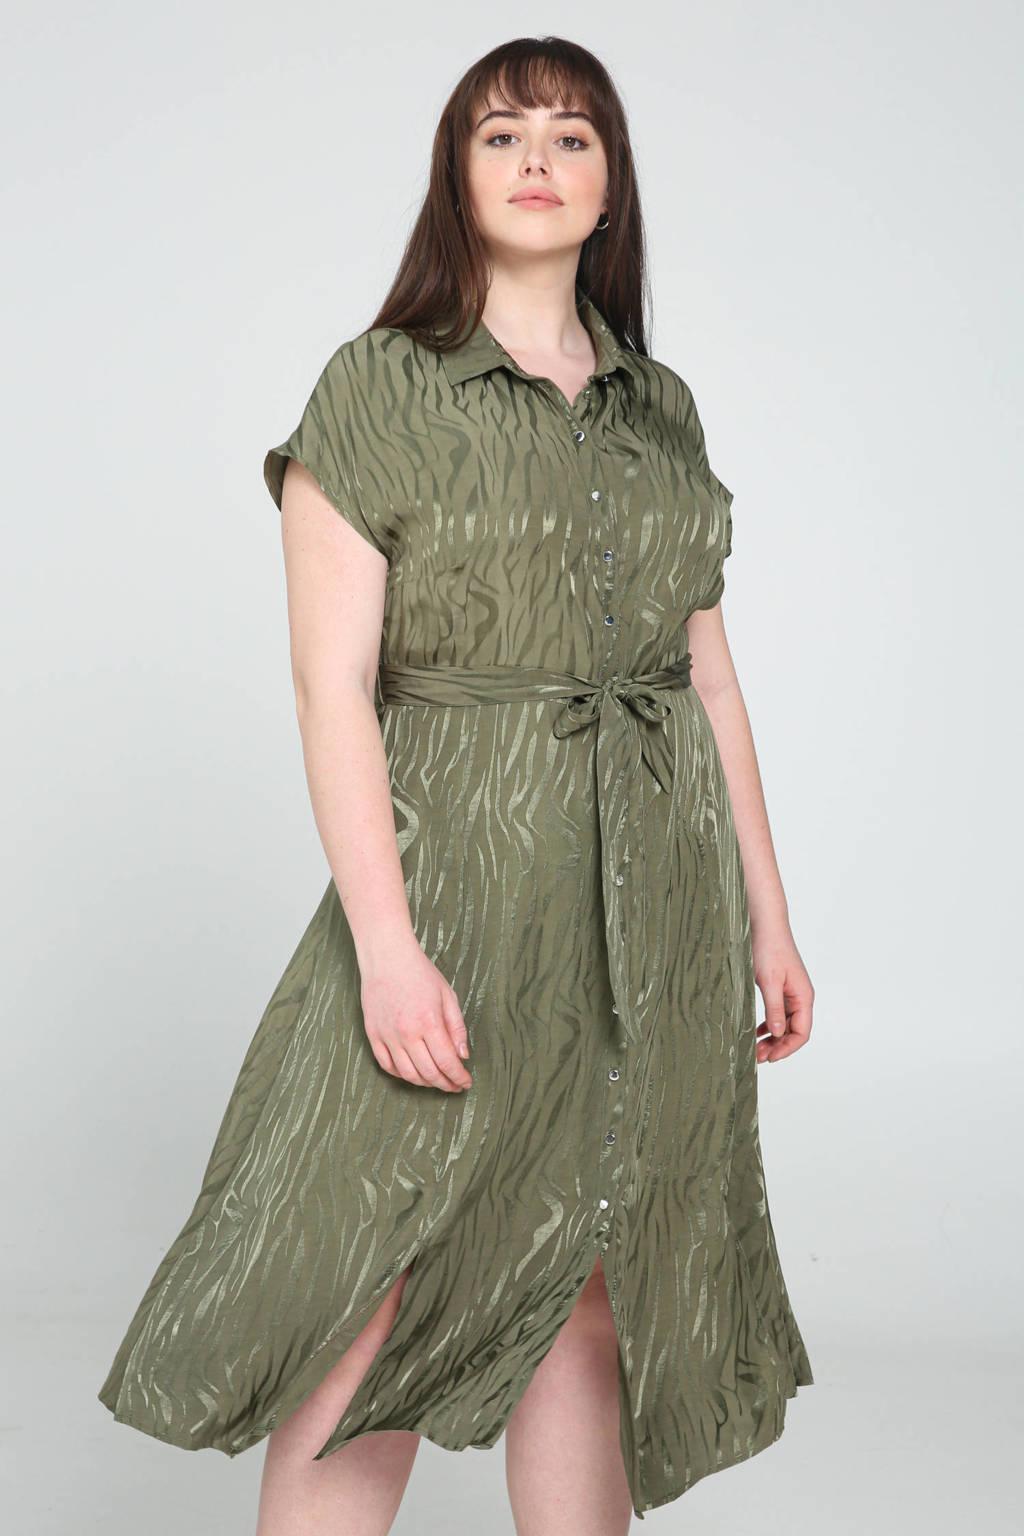 PROMISS blousejurk met dierenprint olijfgroen, Olijfgroen